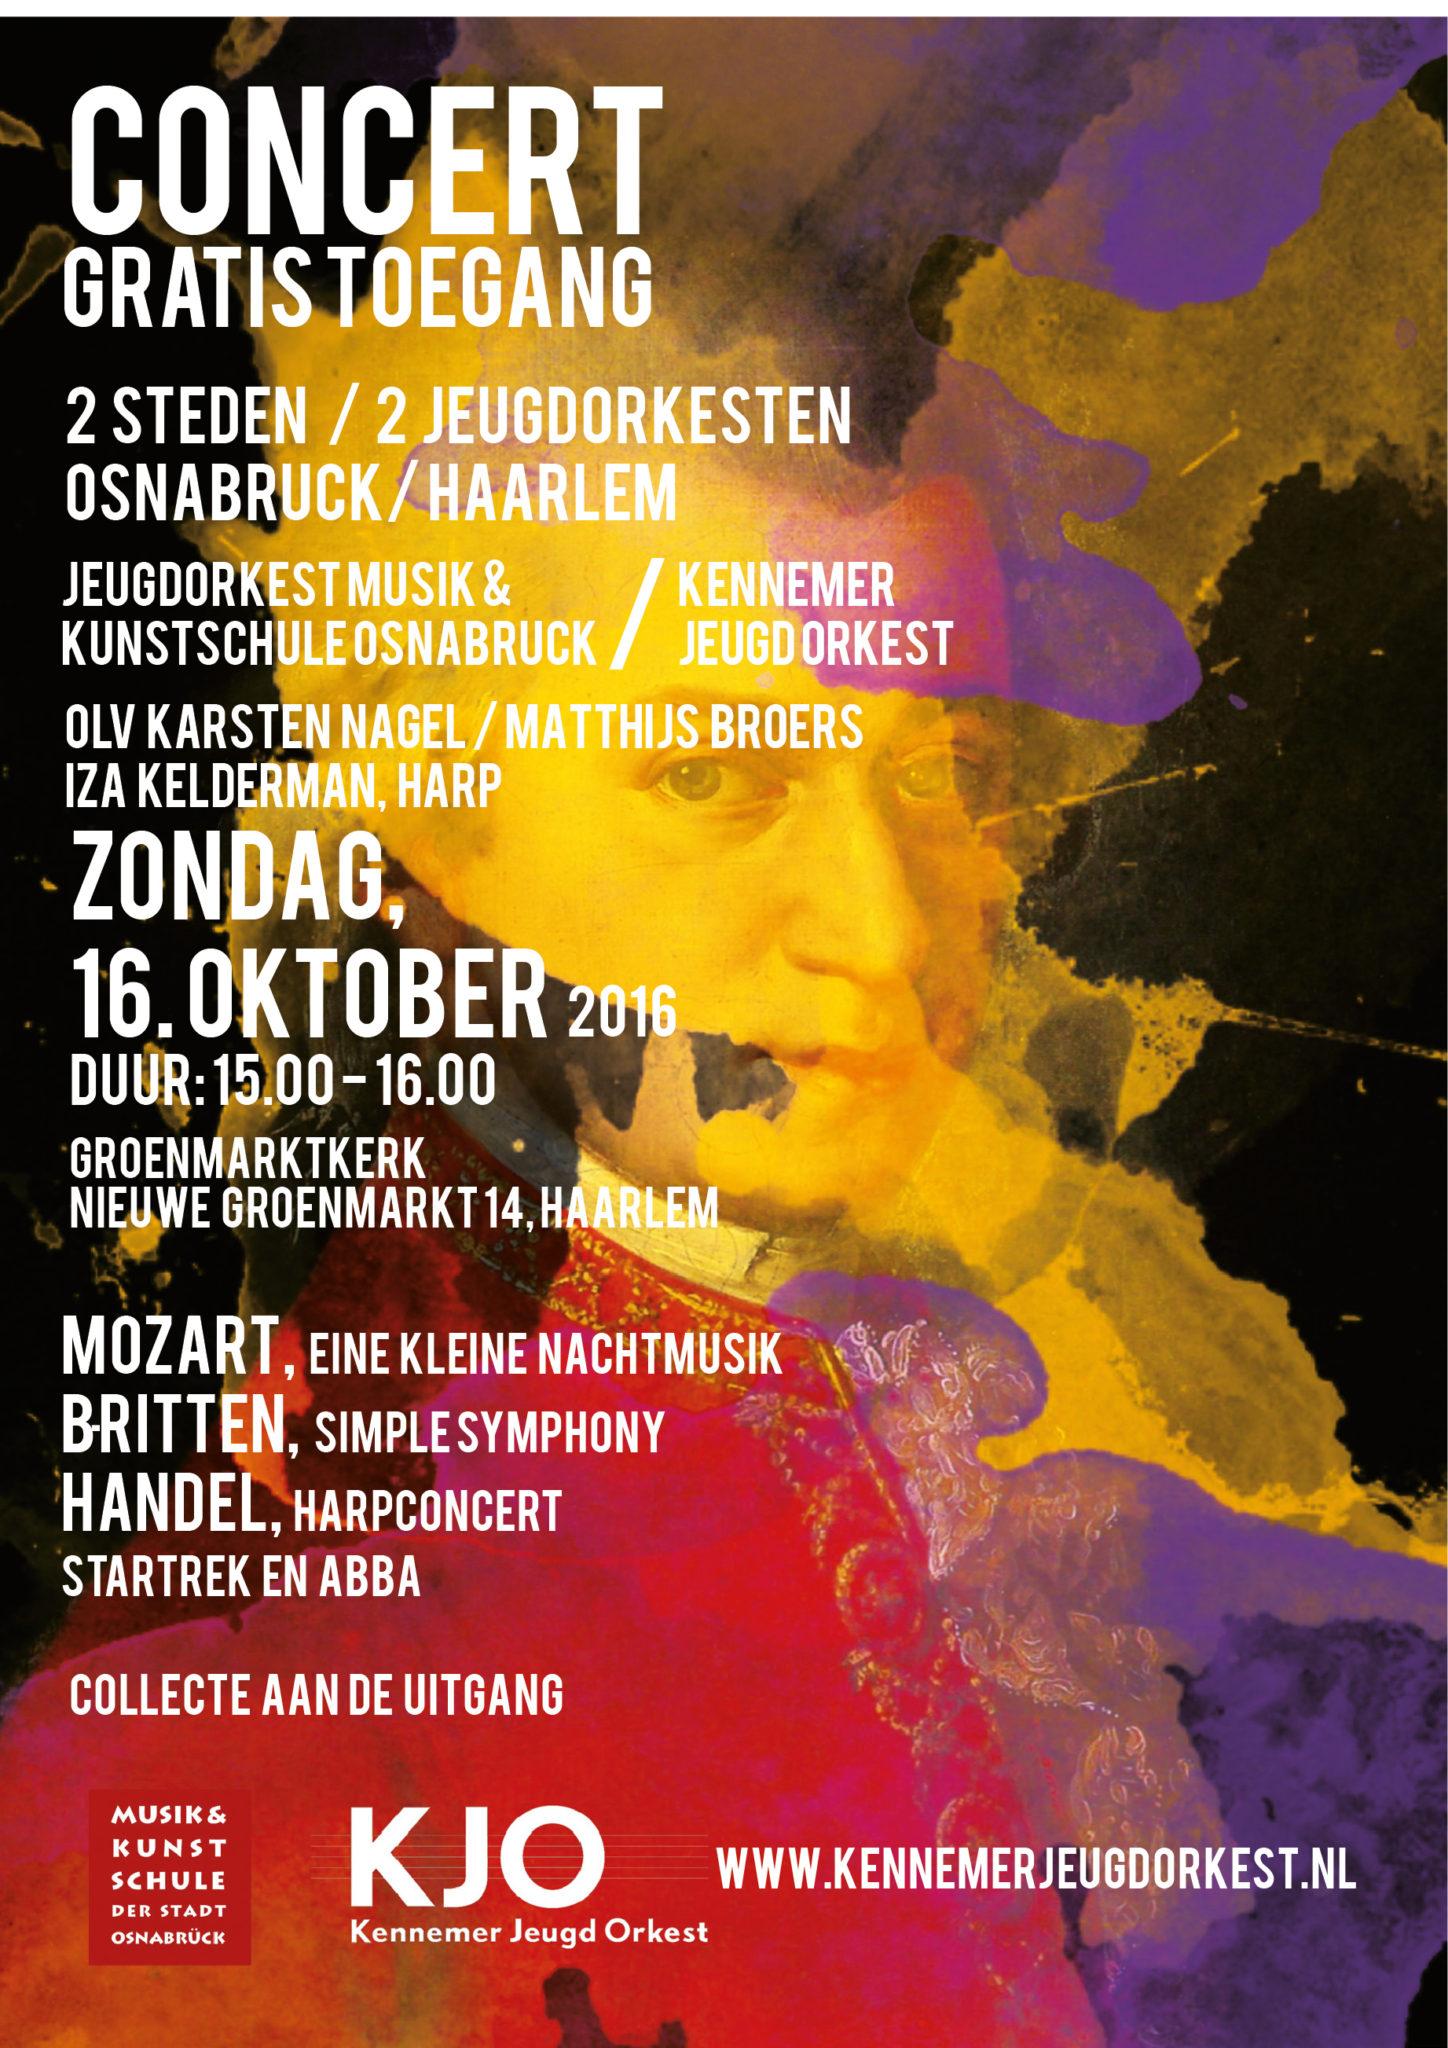 Extra Concert 2017 met Jeugdorkest Osnabruck